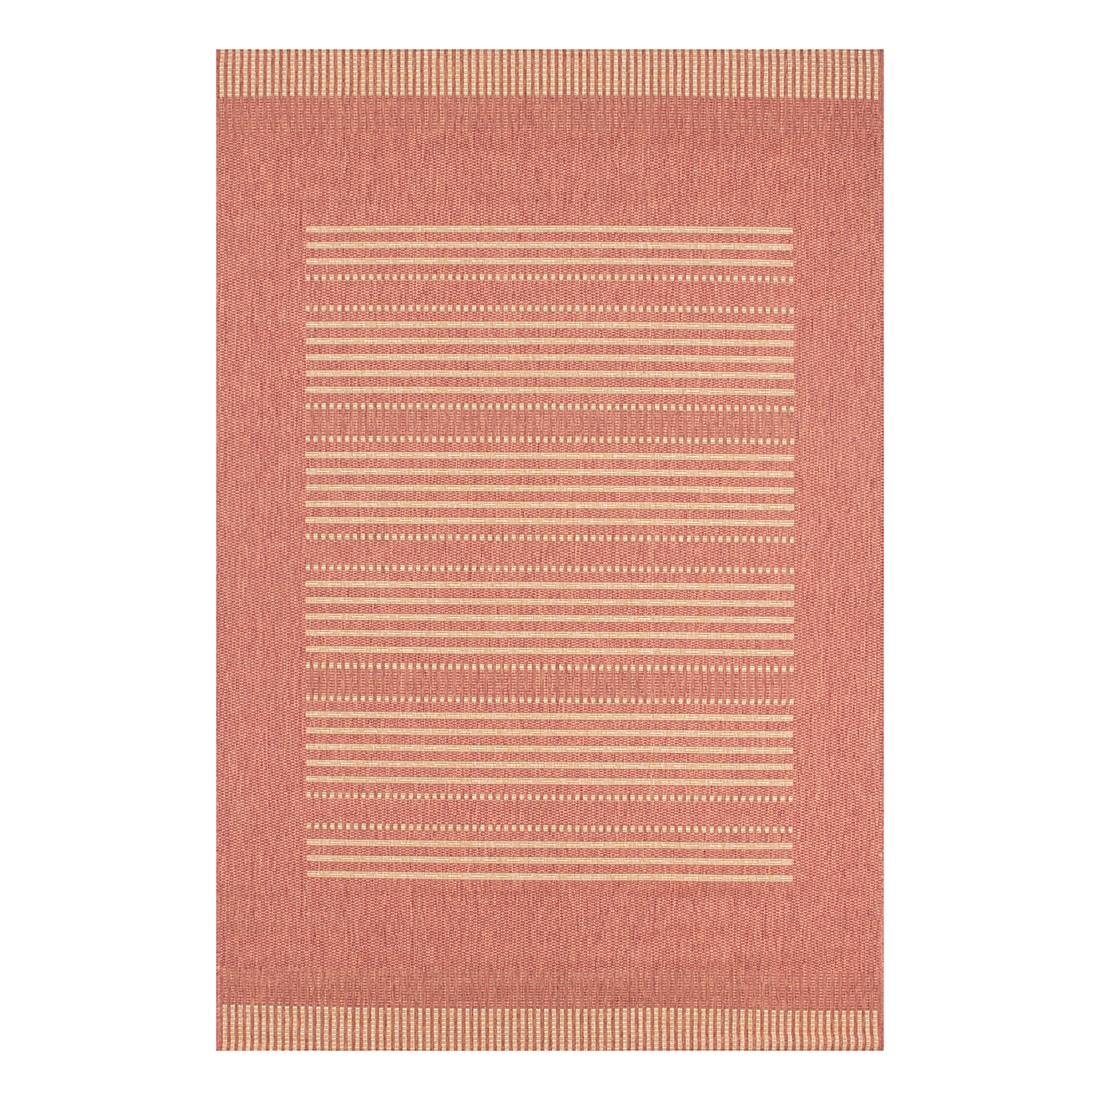 Teppich Stockholm – Rot – 200 x 290 cm, Kayoom günstig online kaufen